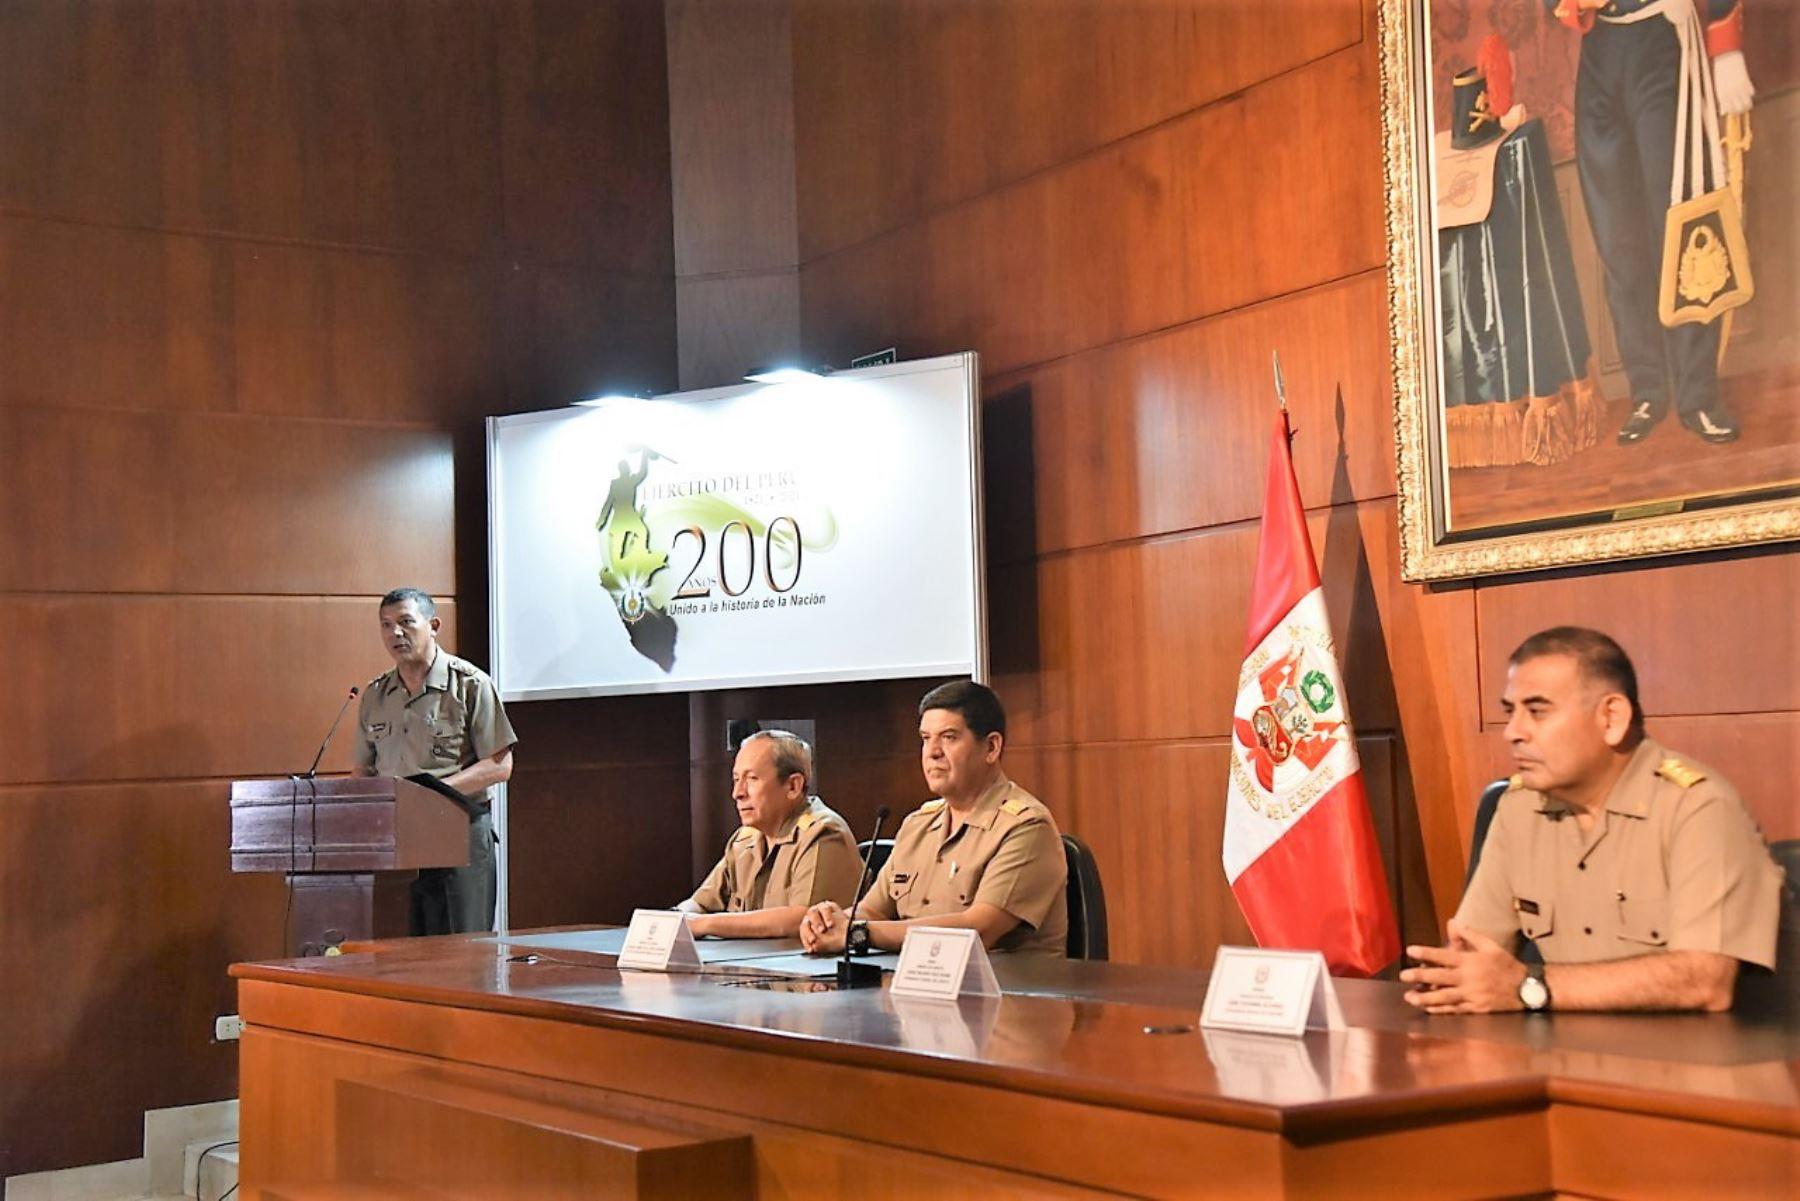 Ejército del Perú presentó el logo oficial para las celebraciones de su bicentenario en 2021.